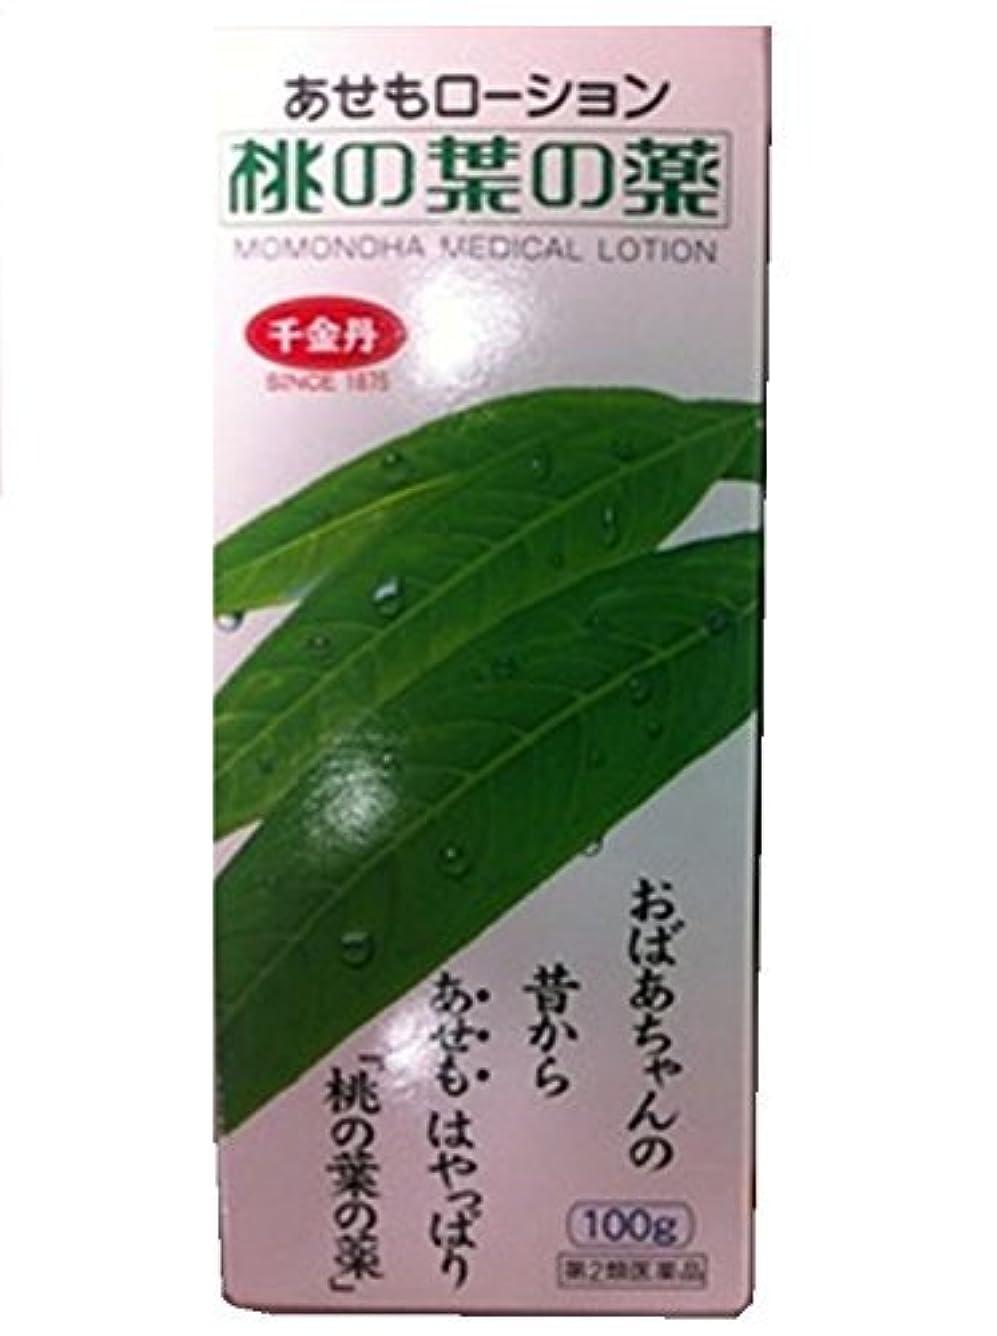 リングバック改革異なるあせもローション 桃の葉の薬 100g [第2類医薬品]